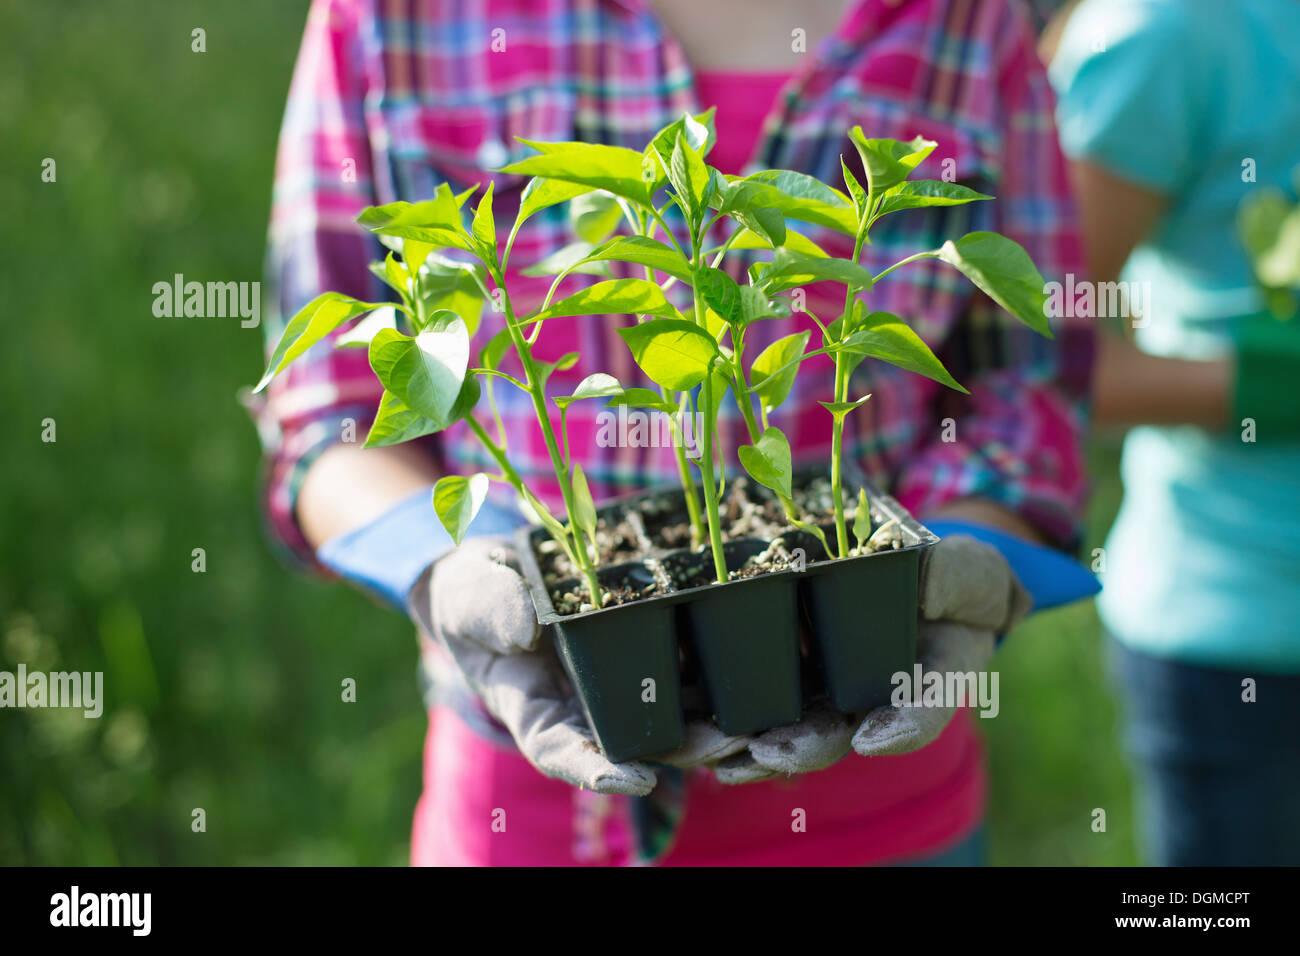 Bio-Bauernhof. Sommer-Party. Ein junges Mädchen hält ein Tablett mit bewurzelten Jungpflanzen. Stockbild